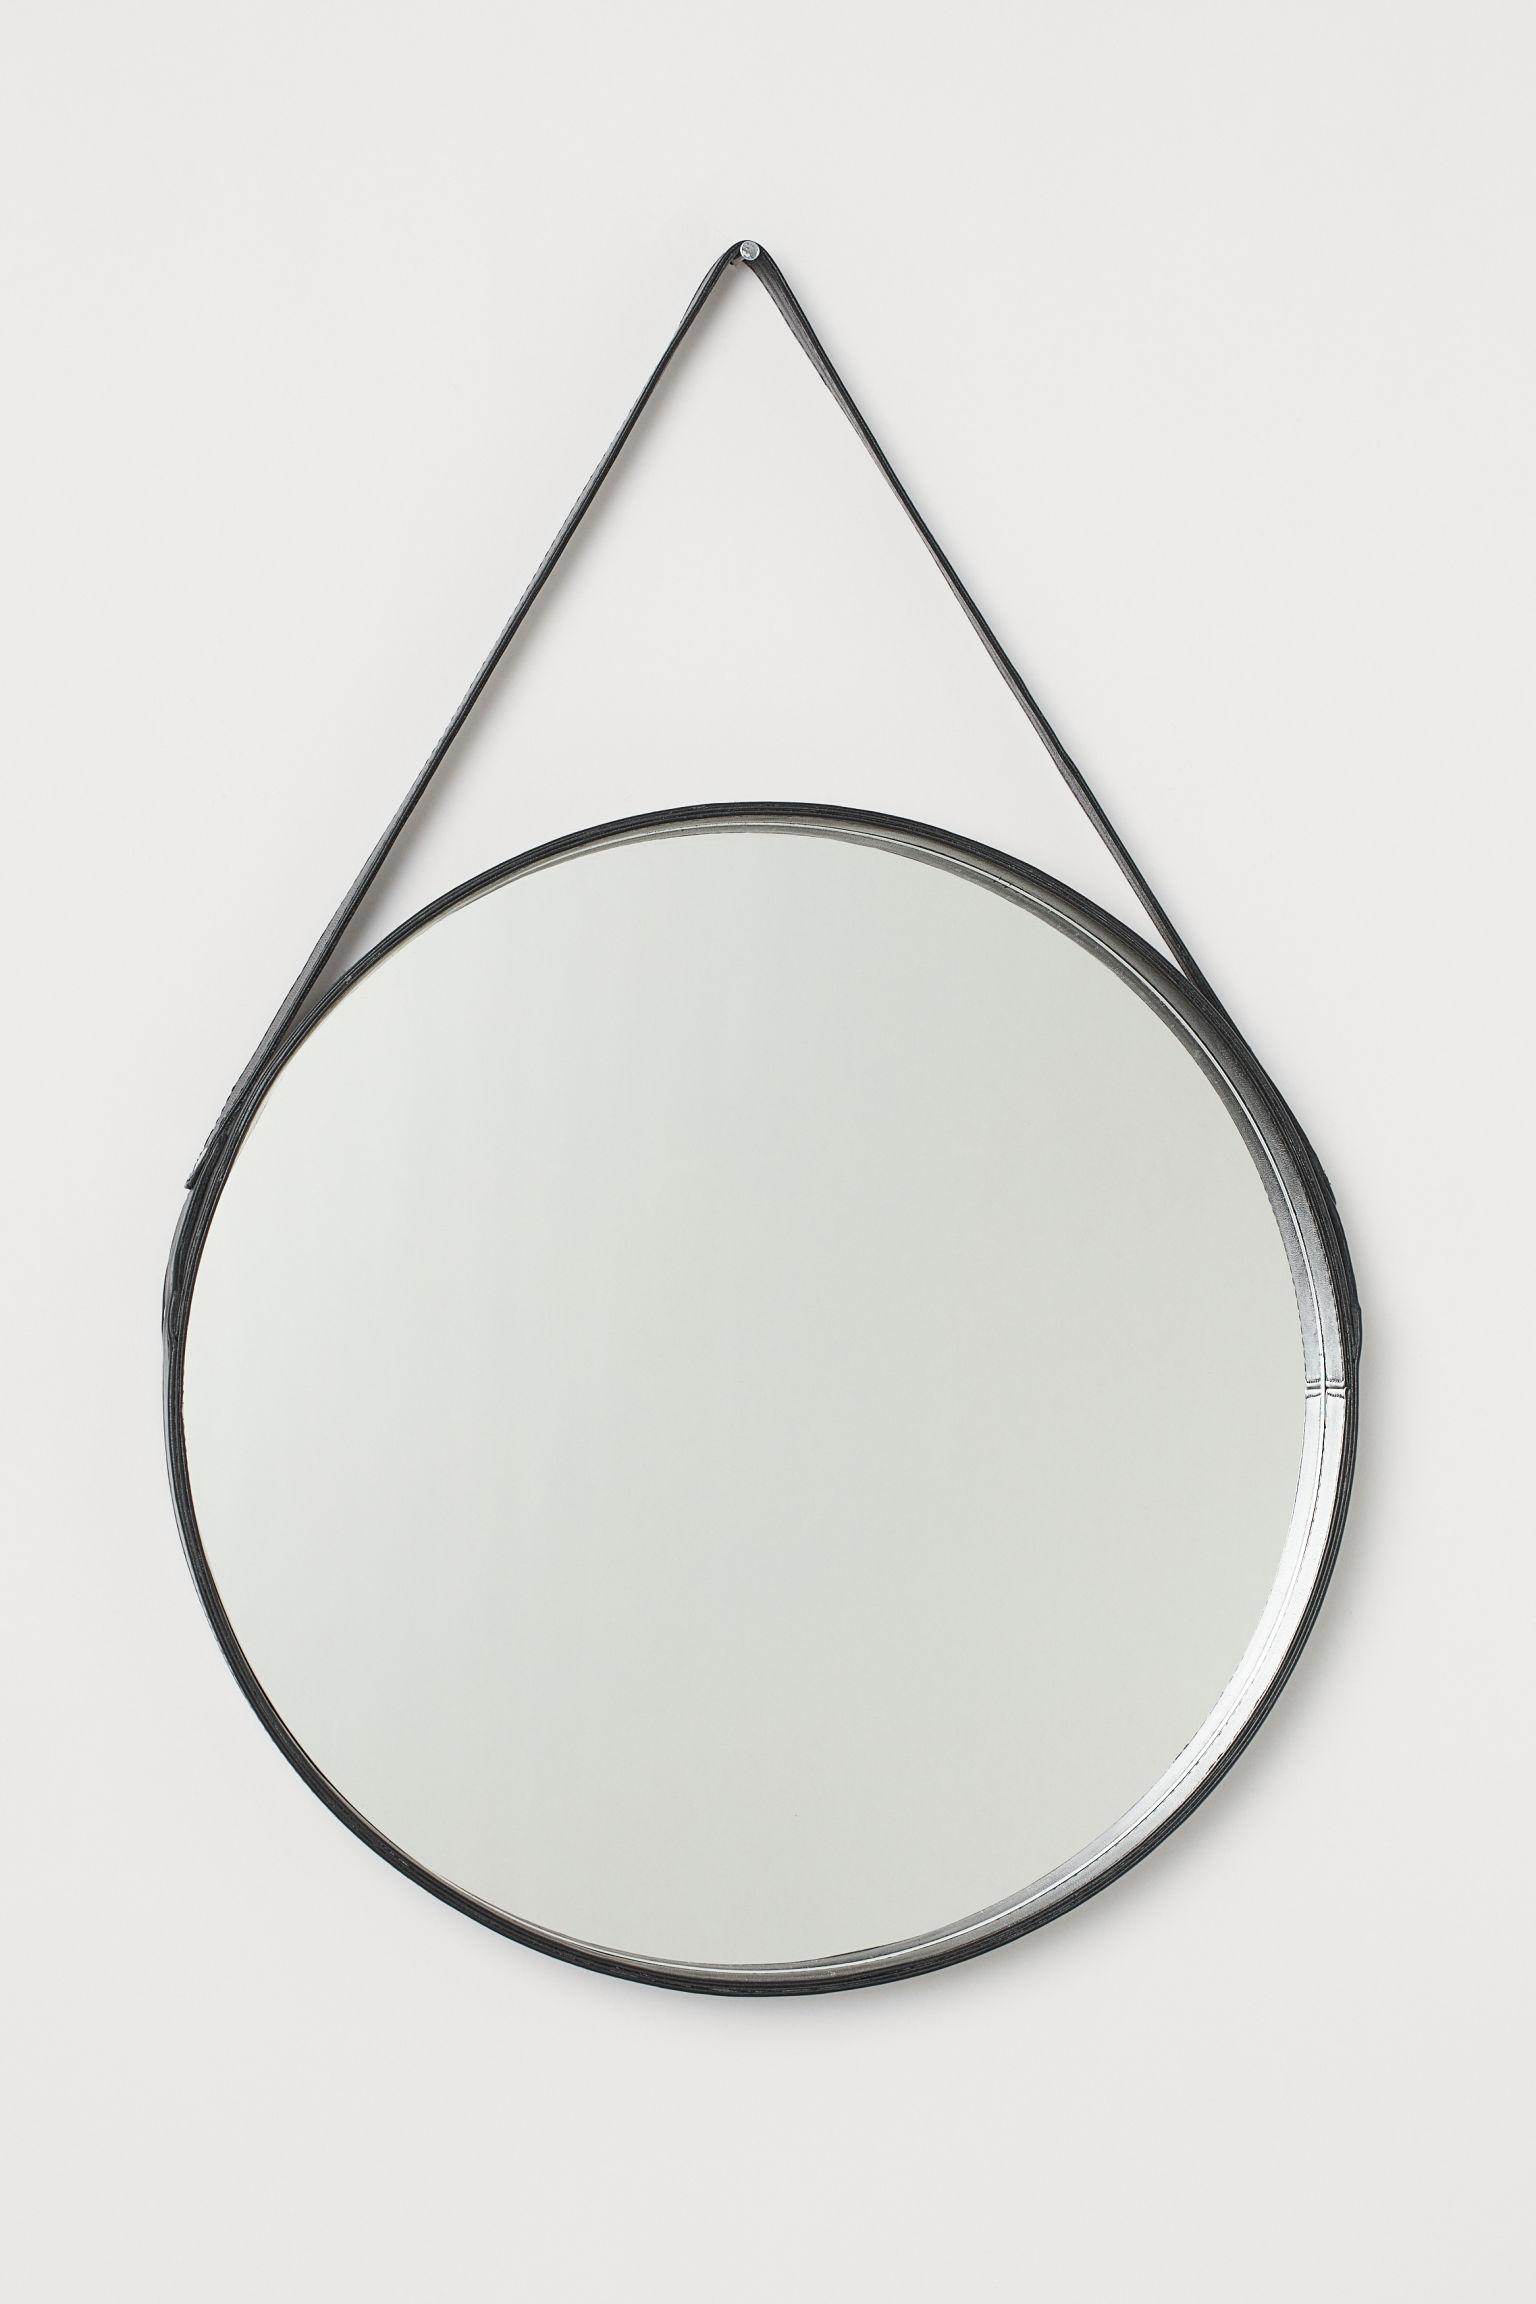 Kjempebra Rundt speil med skinnramme - Sort - Home All | H&M NO SG-55